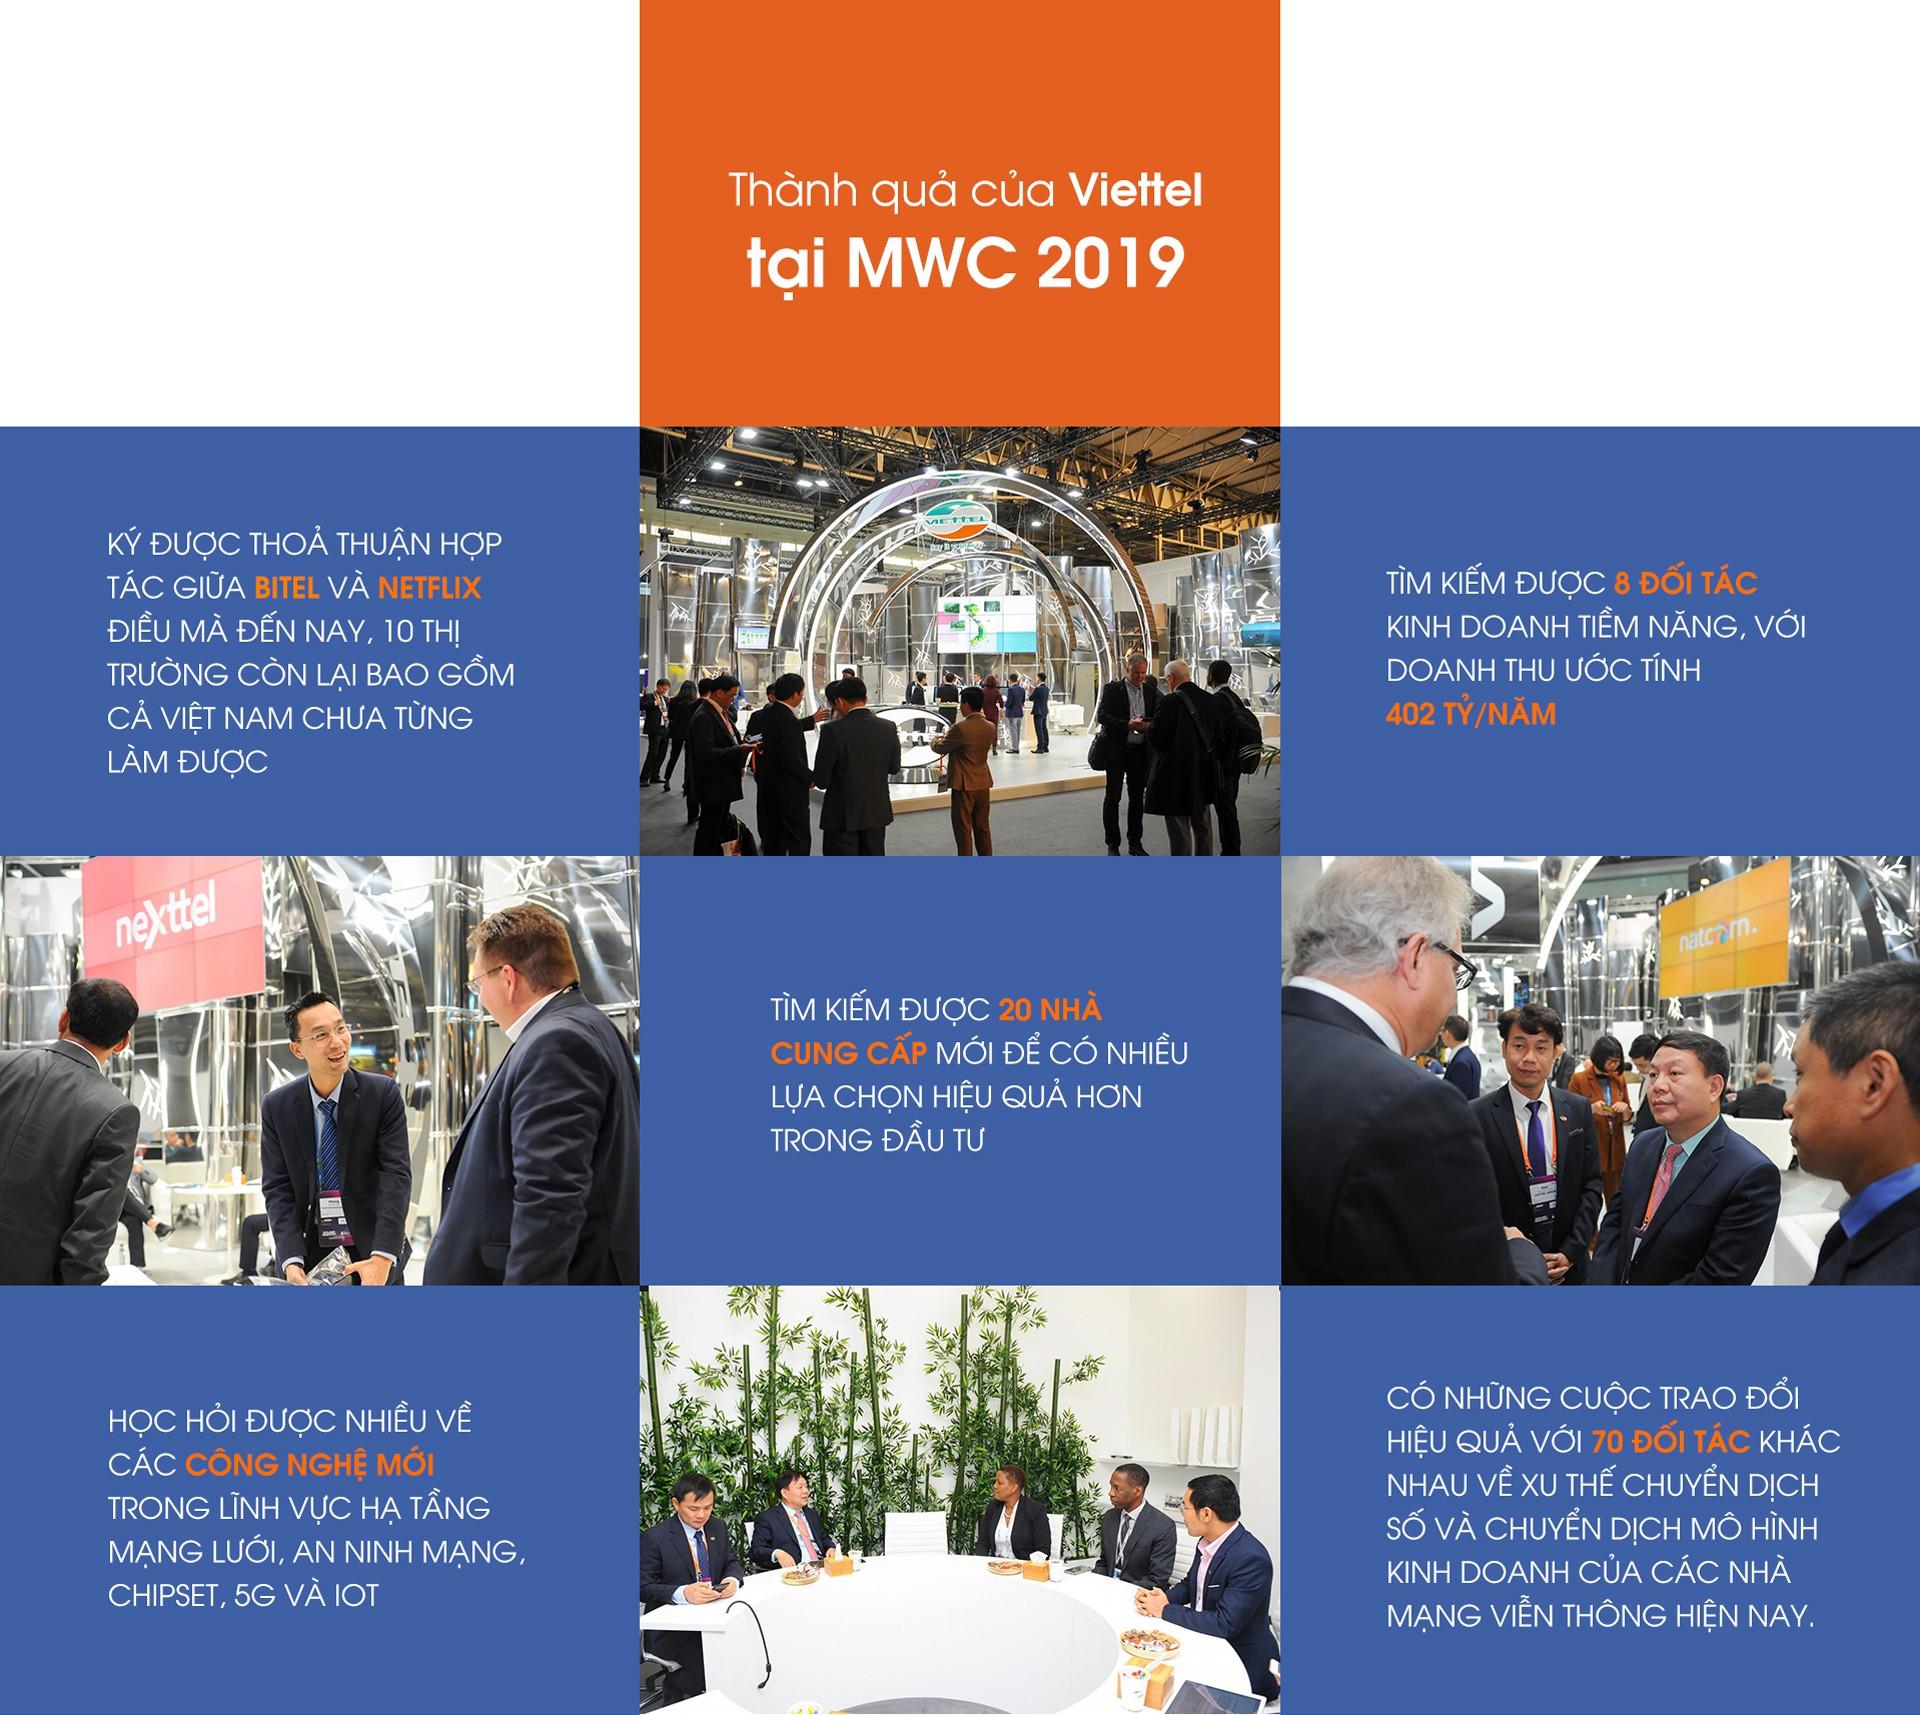 Thương hiệu Việt tại những sự kiện công nghệ hàng đầu thế giới: Tự tin thể hiện mình - Ảnh 5.